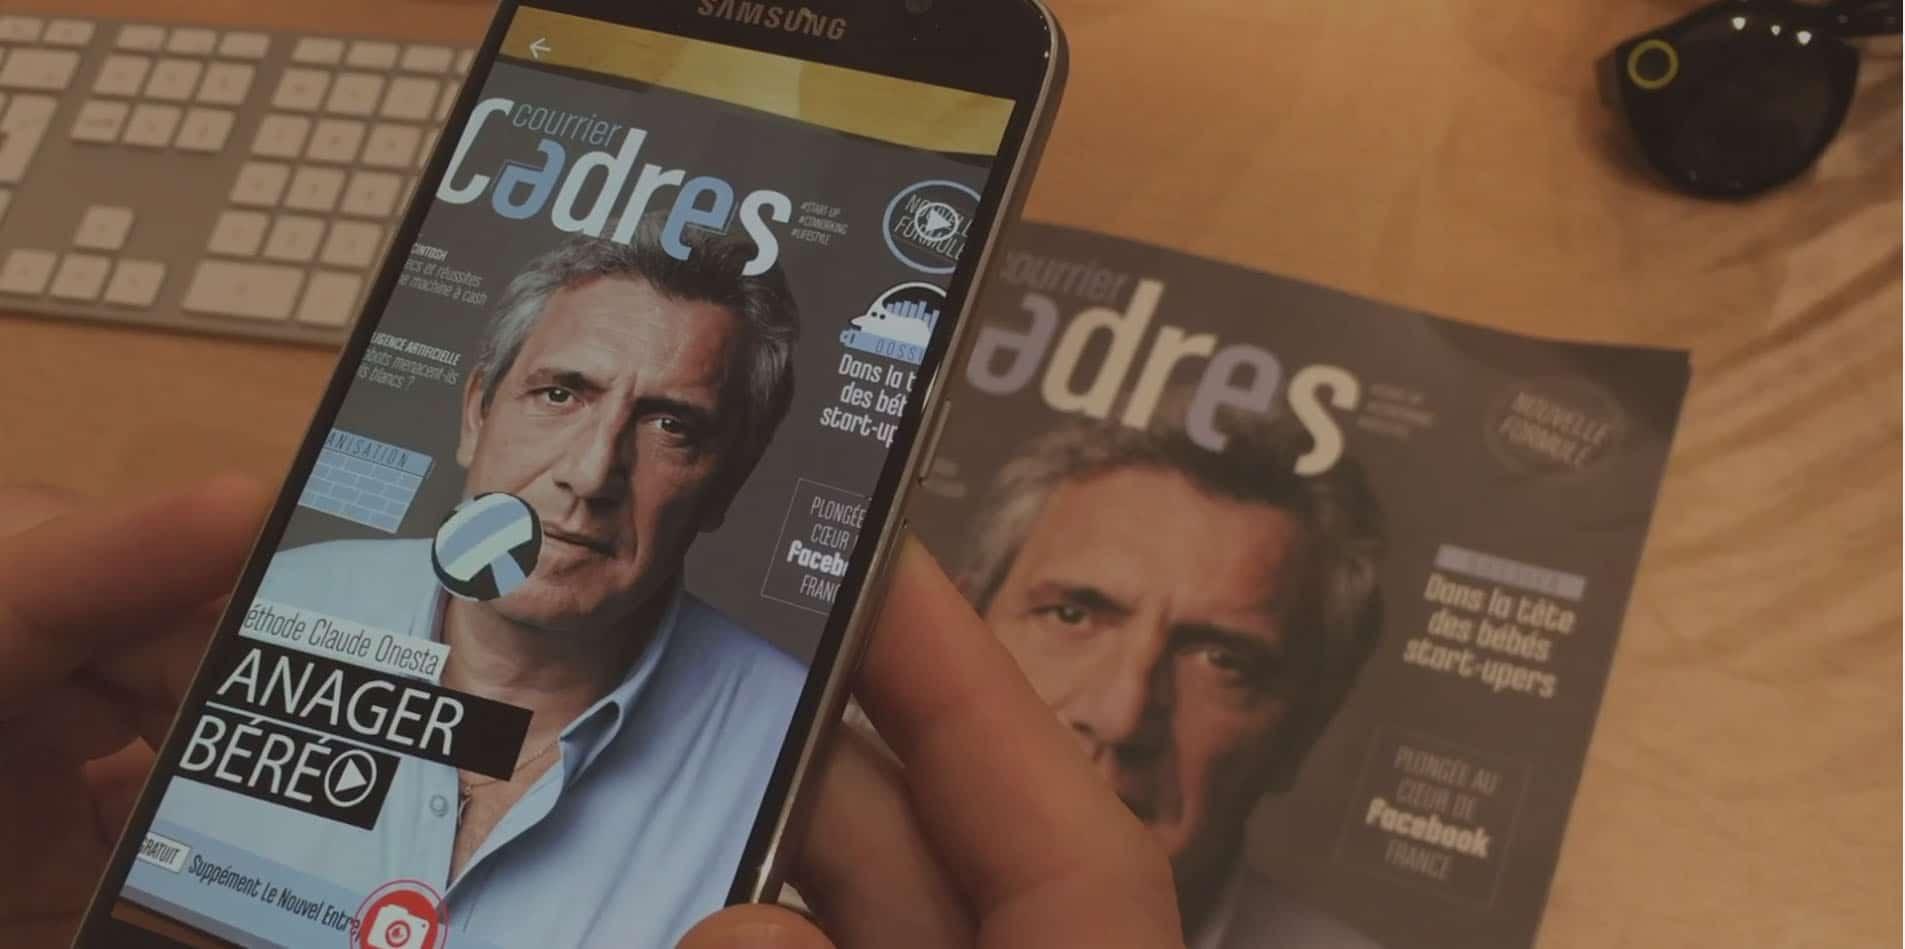 Snappress : l'imprimé connecté entre dans une nouvelle dimension